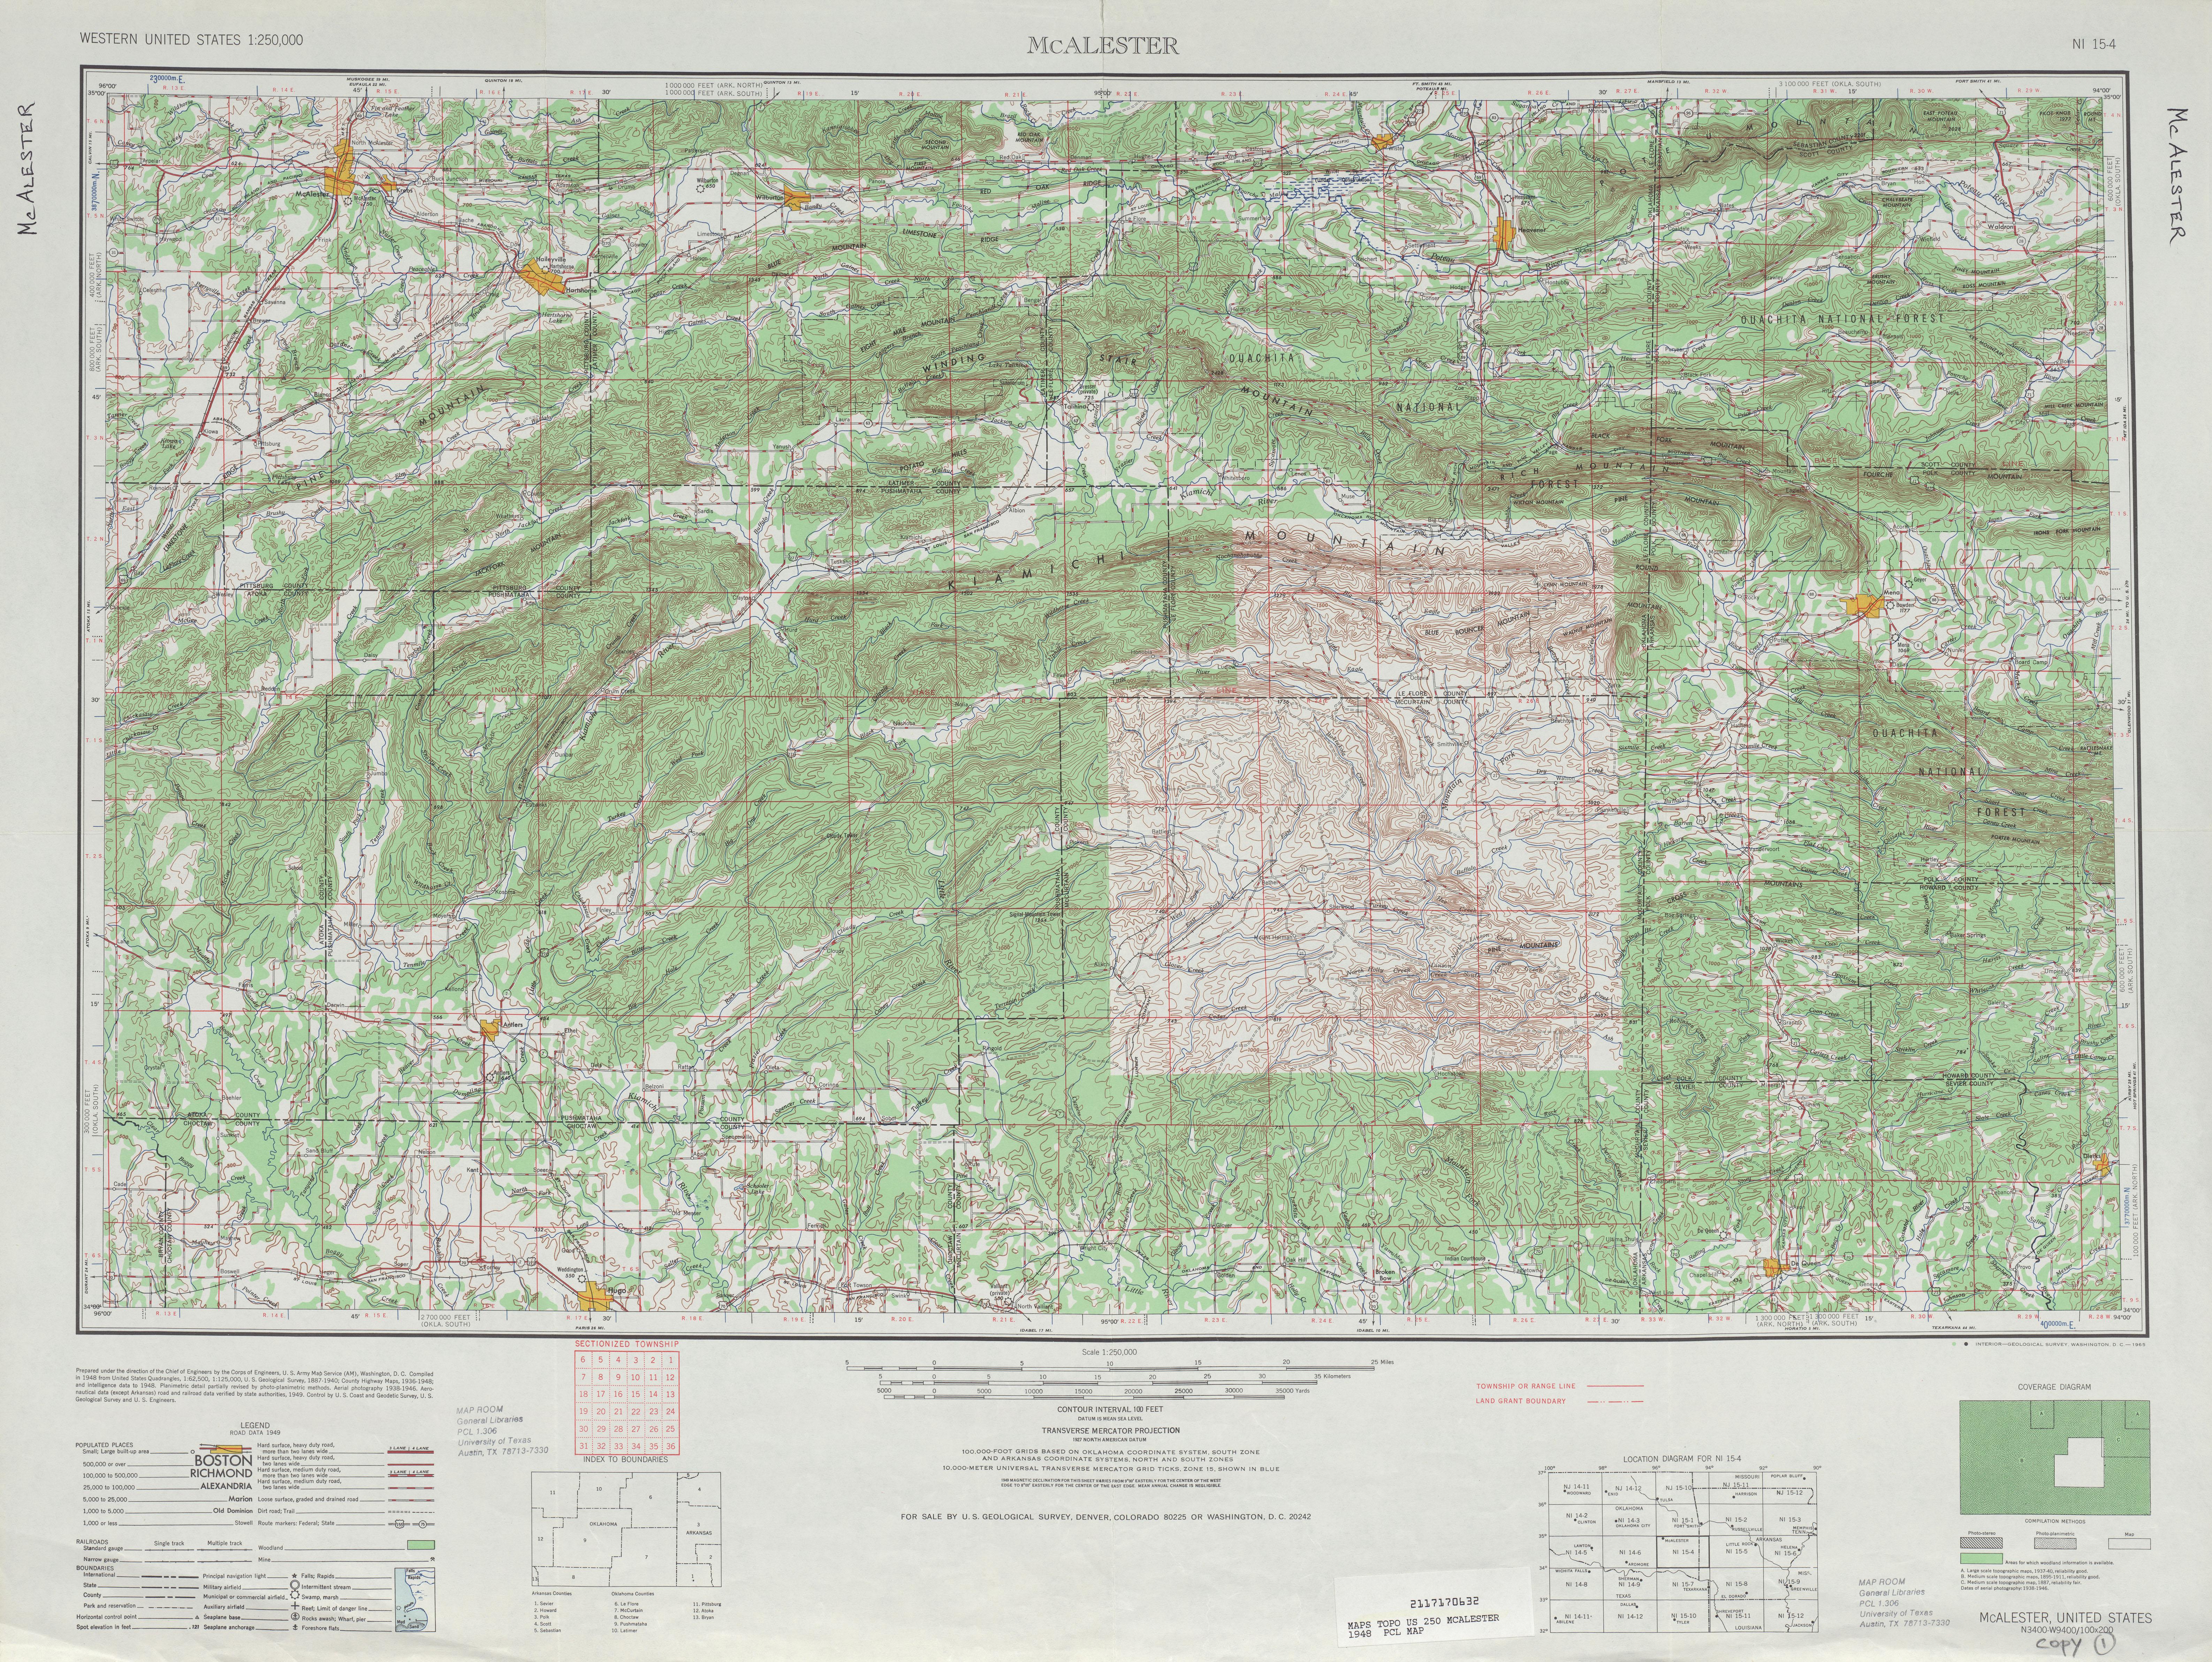 Hoja Mcalester del Mapa Topográfico de los Estados Unidos 1948